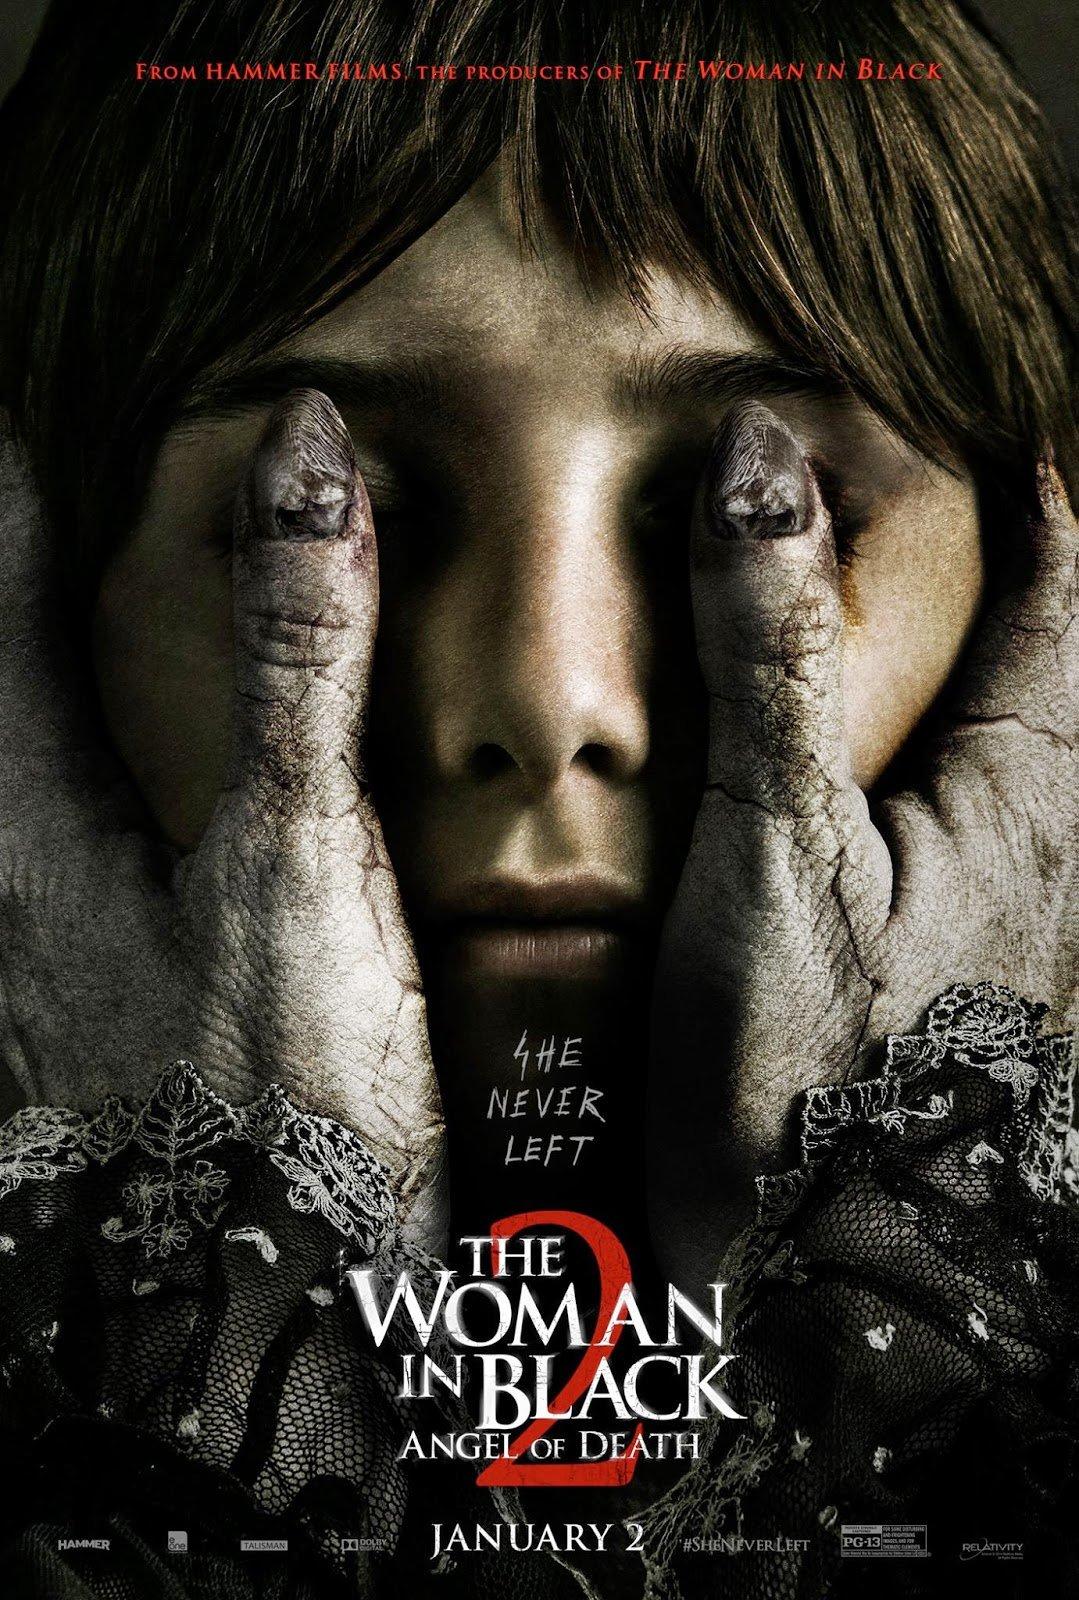 ქალი შავებში 2: სიკვდილის ანგელოზი / The Woman in Black 2: Angel of Death